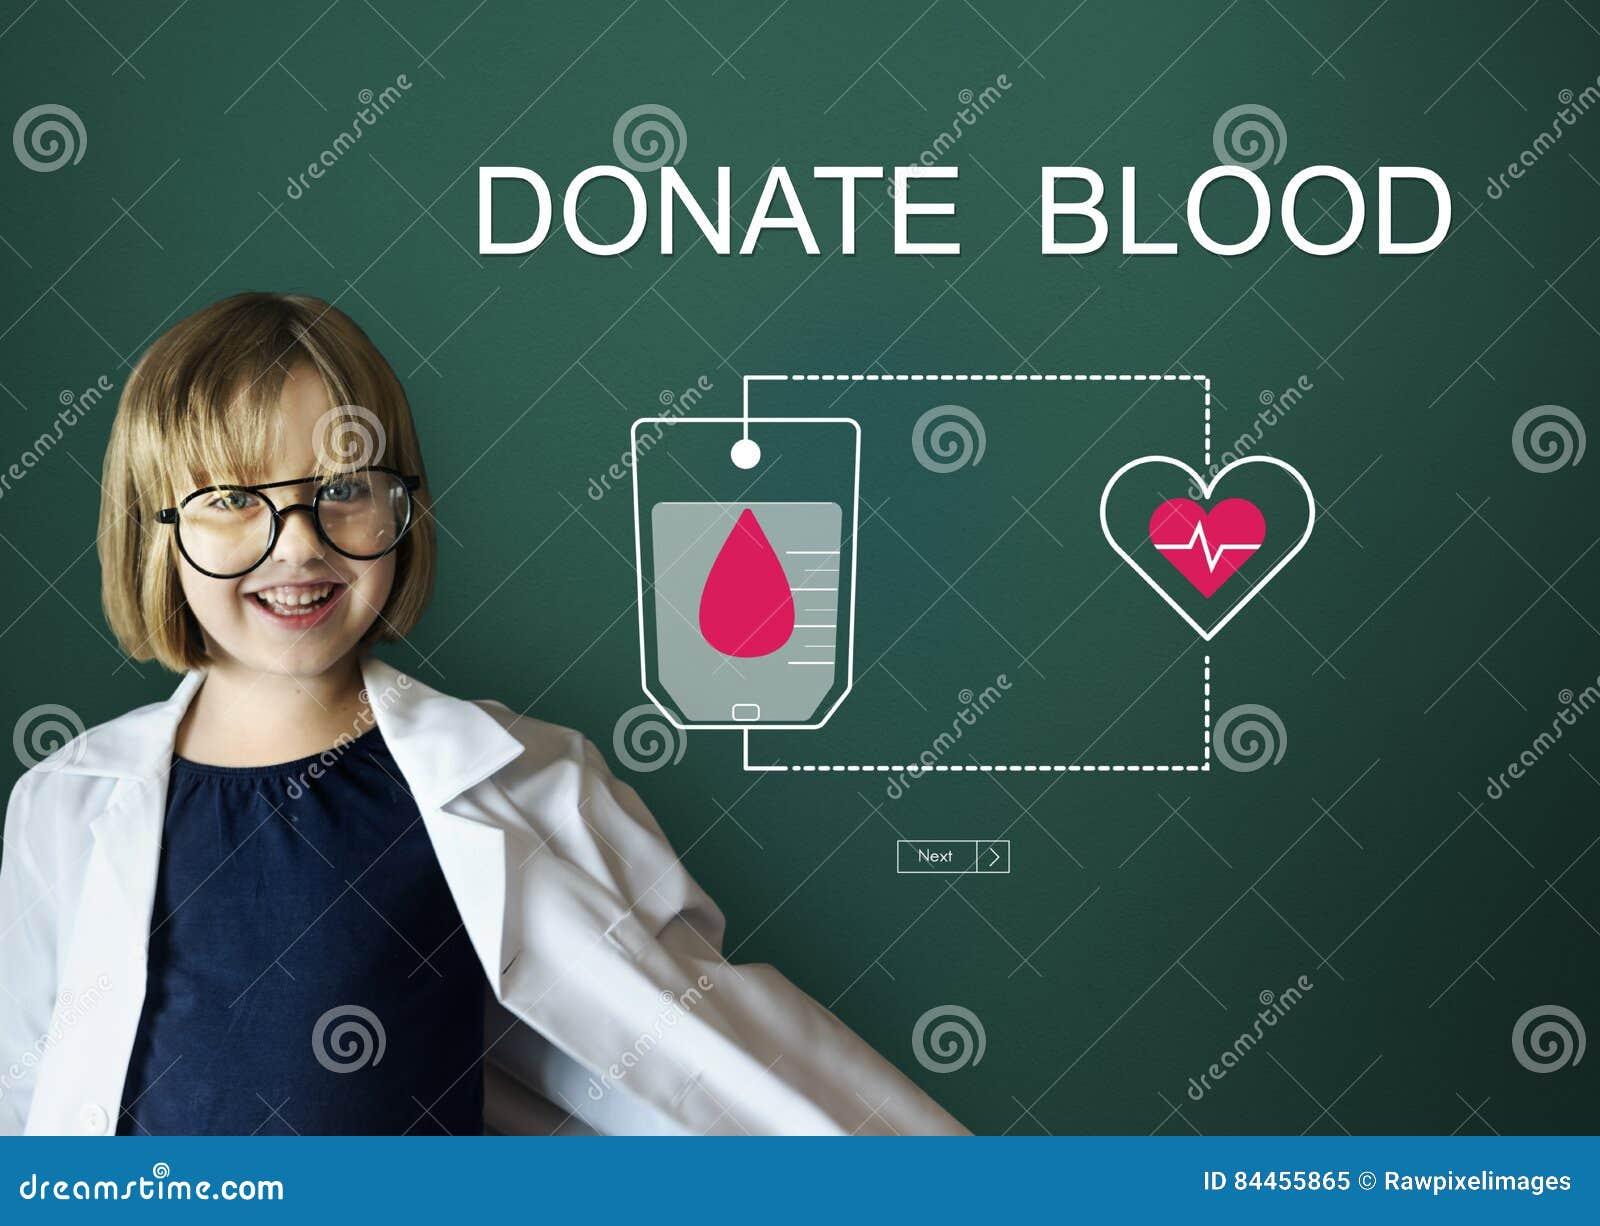 Le Don Du Sang Donnent La Transfusion De La Vie Partageant ...  Le Don Du Sang ...